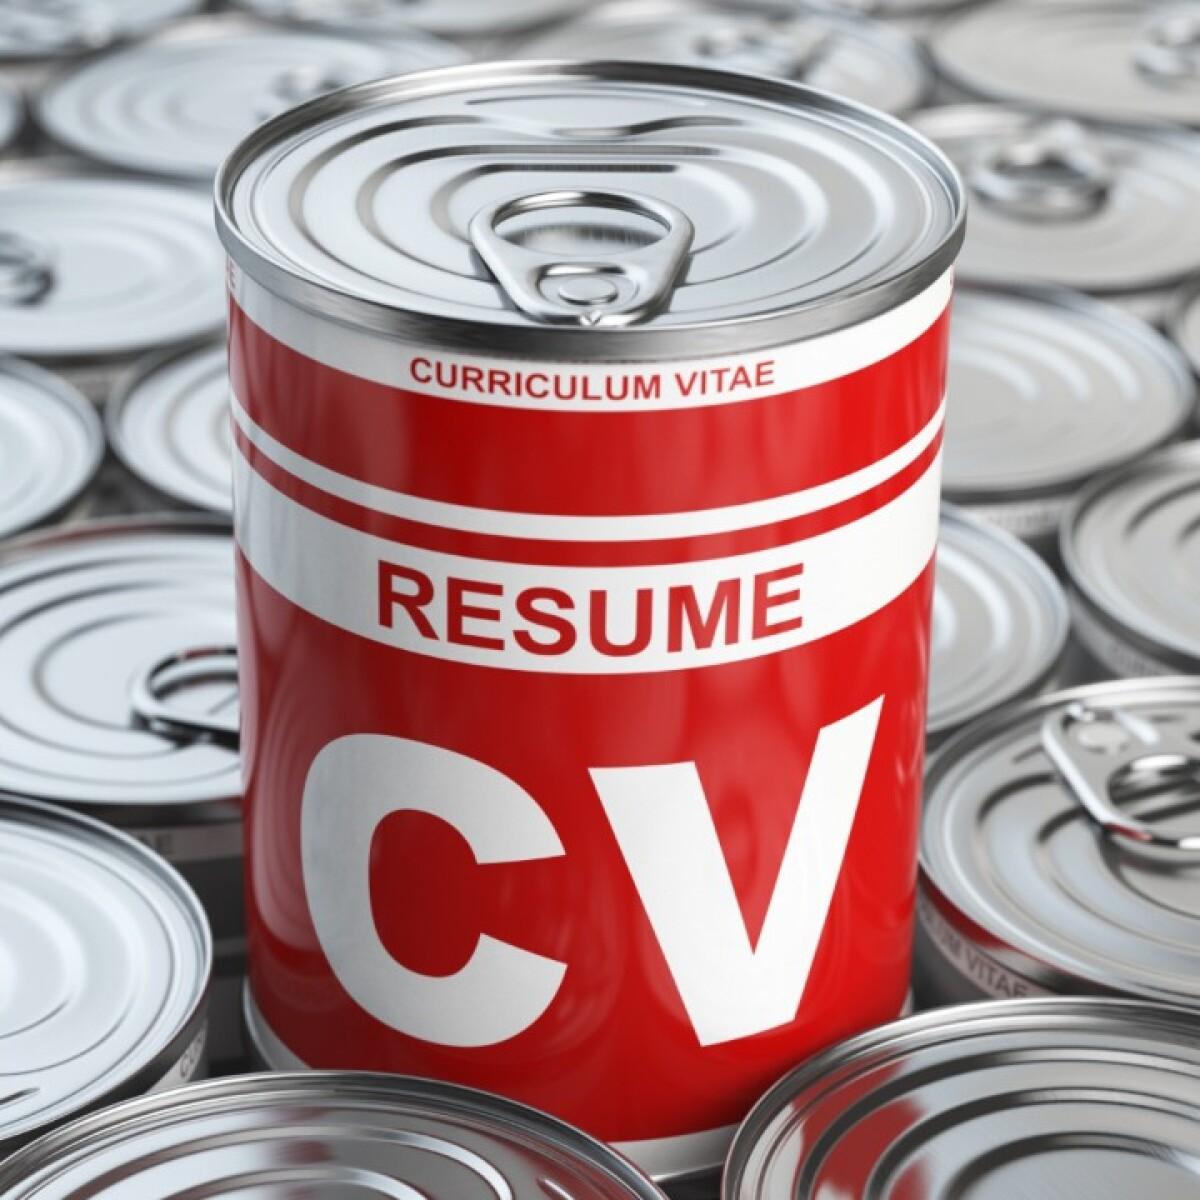 Así es el CV que llama la atención de los reclutadores